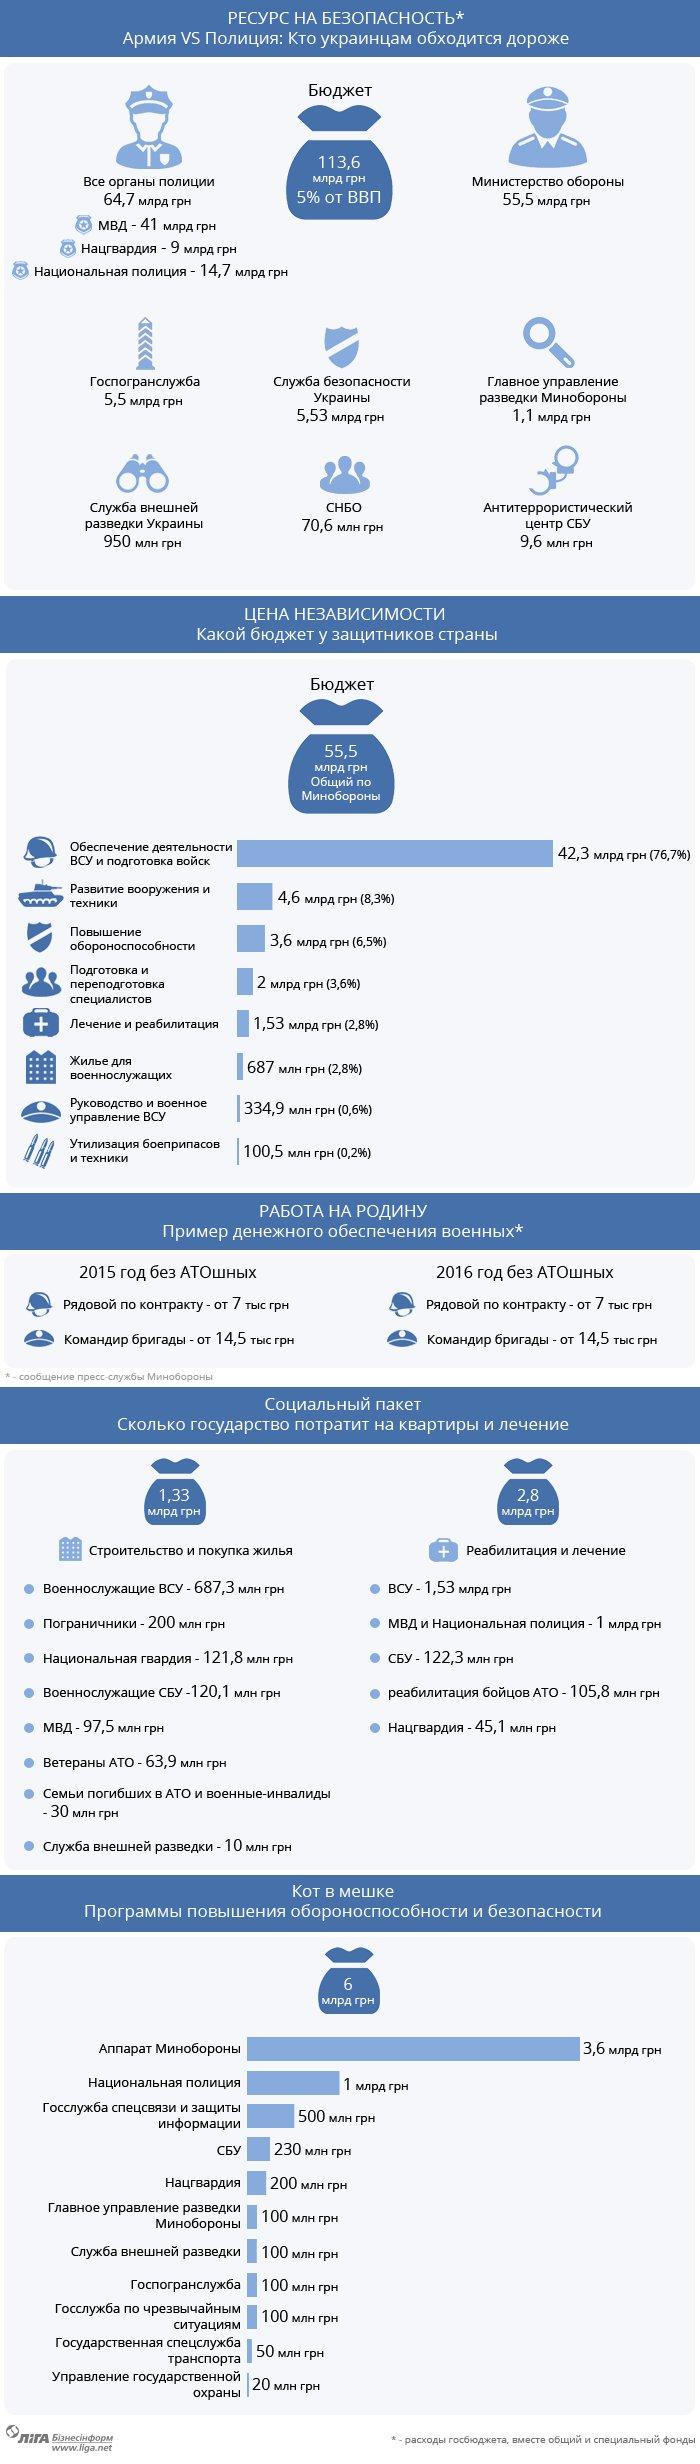 Сколько стоит независимость. Оборонный бюджет Украины в 2016 году (ИНФОГРАФИКА) (фото) - фото 1